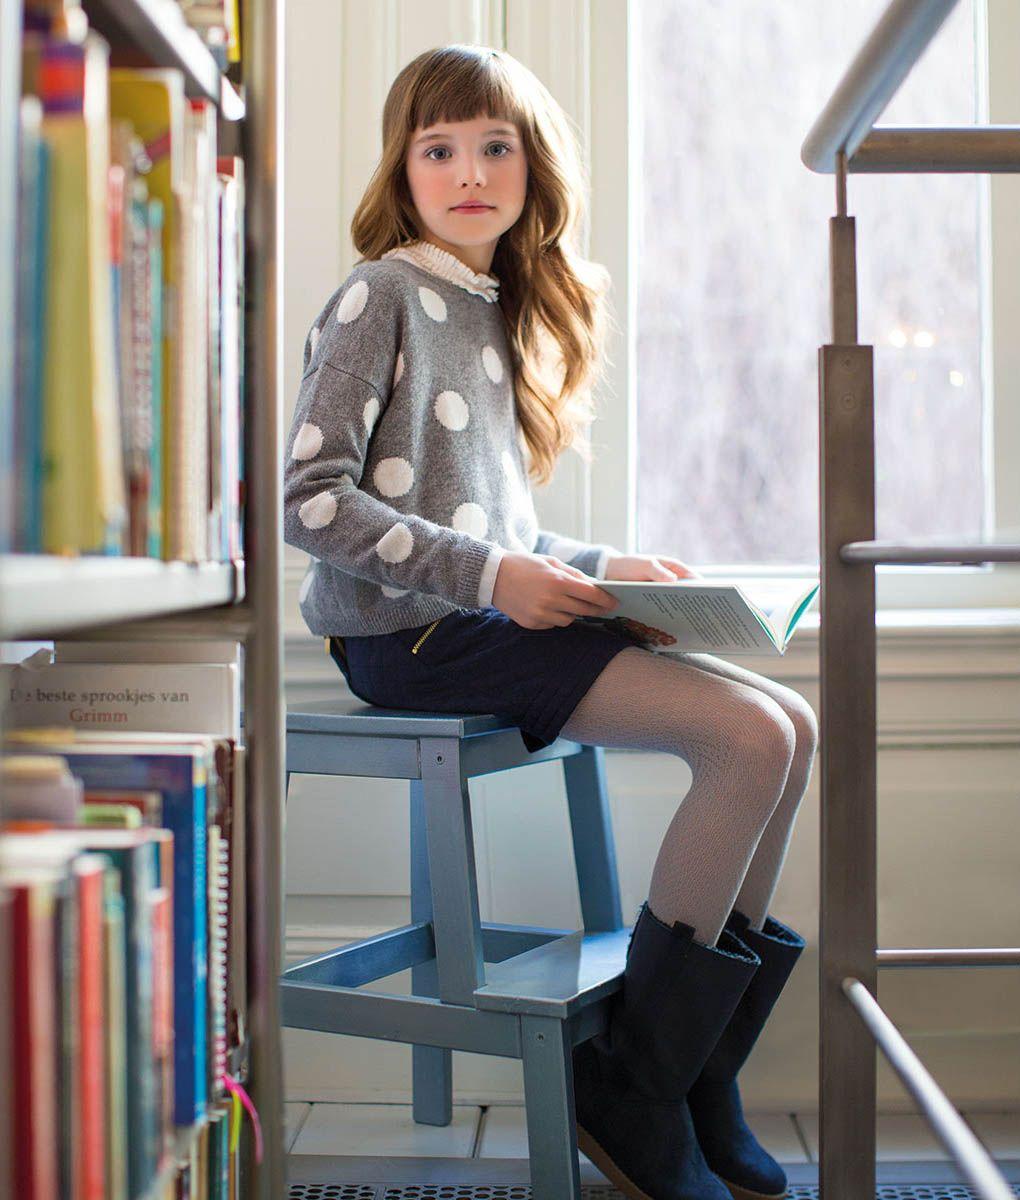 pimpandhost.com nude teen young russian girl model